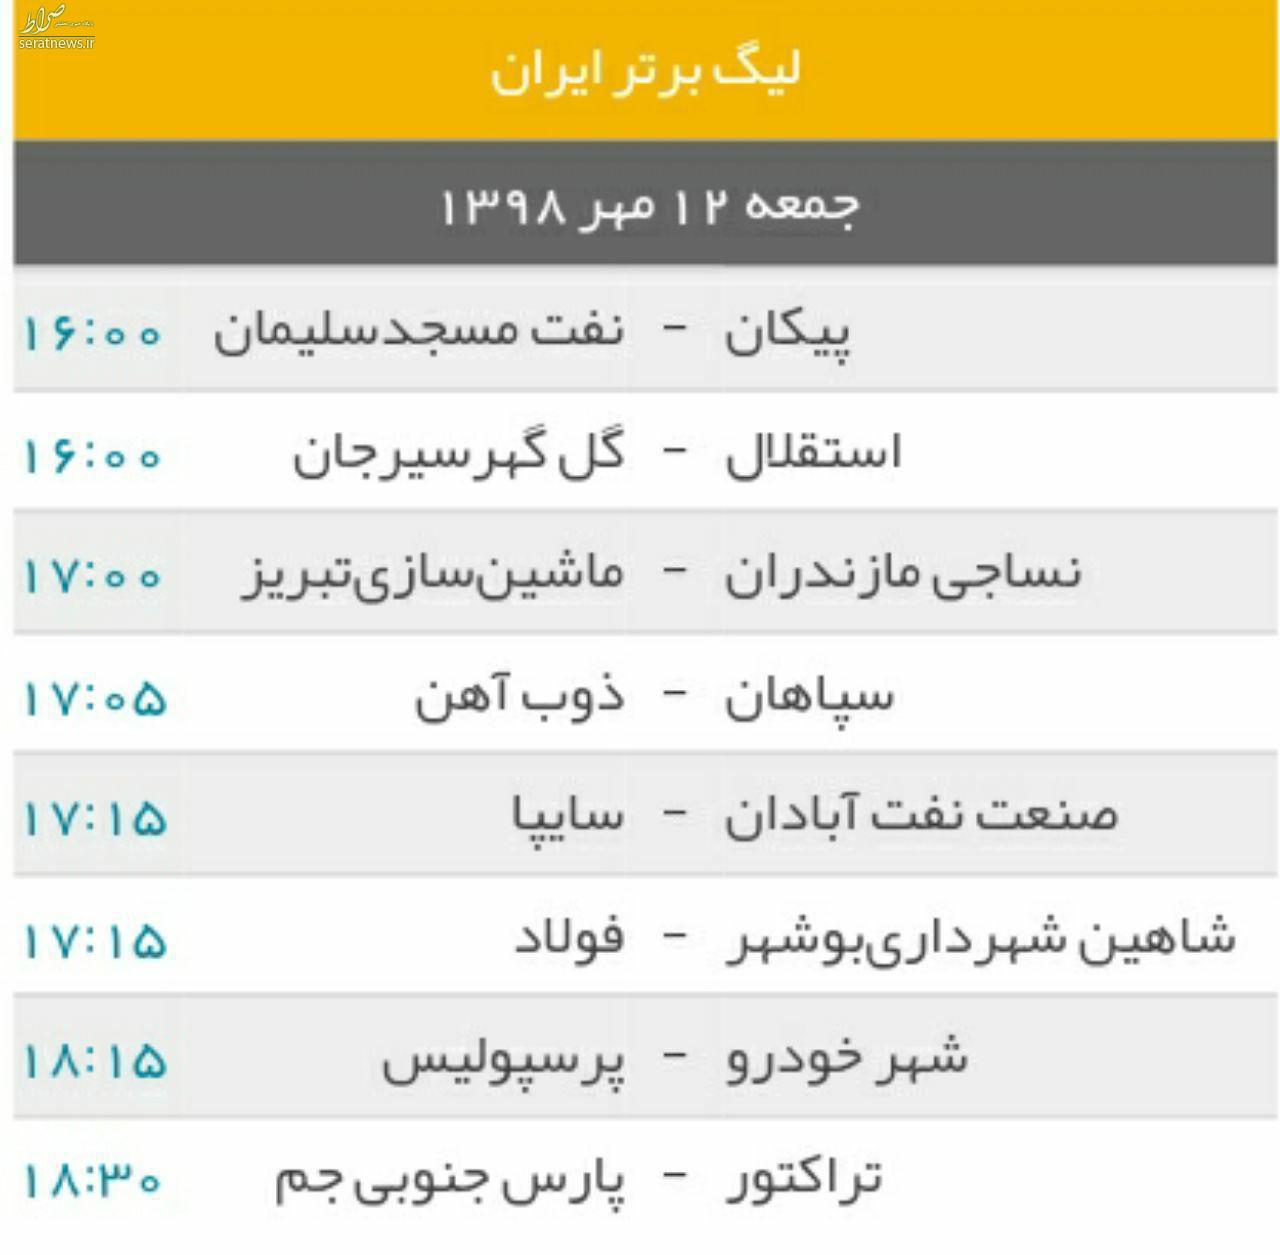 جدول/ برنامه دیدارهای هفته ششم لیگ برتر فوتبال ایران